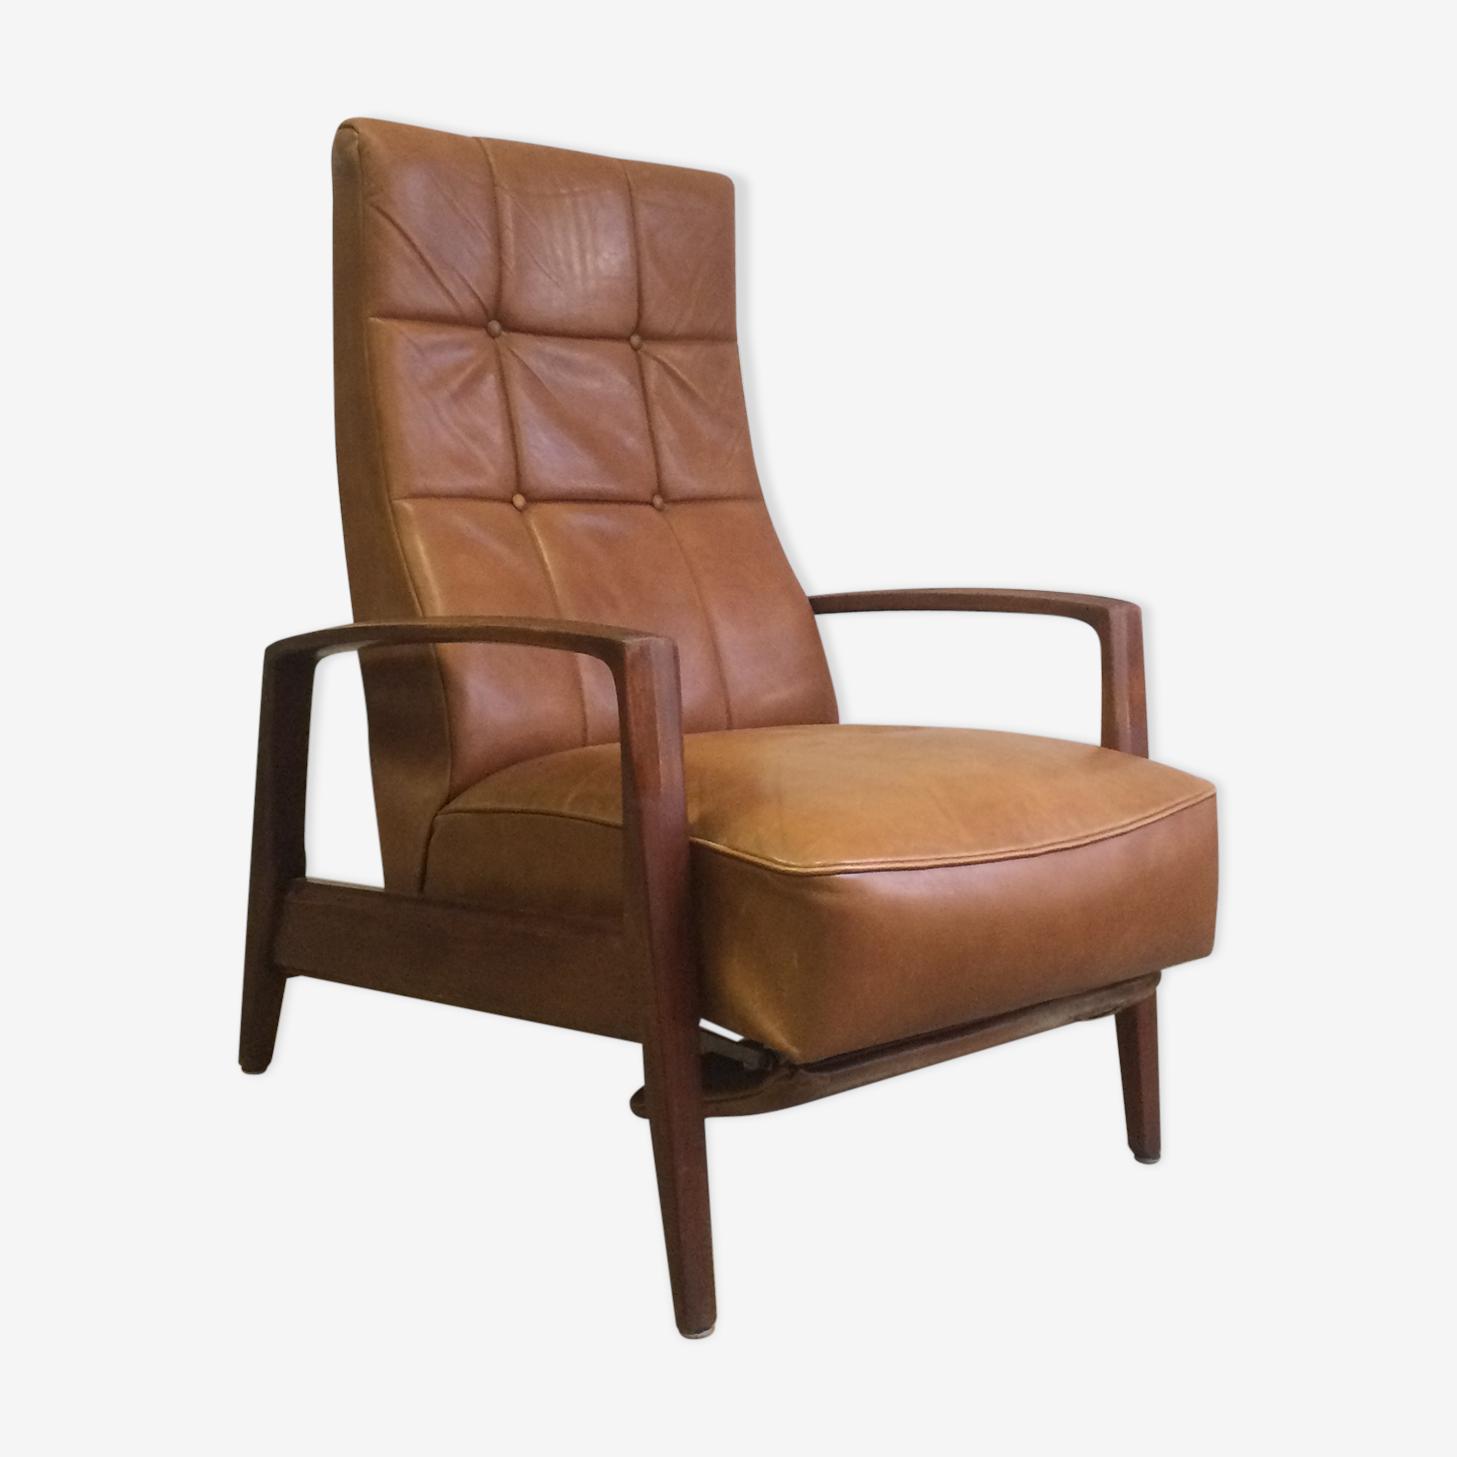 Fauteuil scandinave avec repose pied intégré en cuir cuir bois